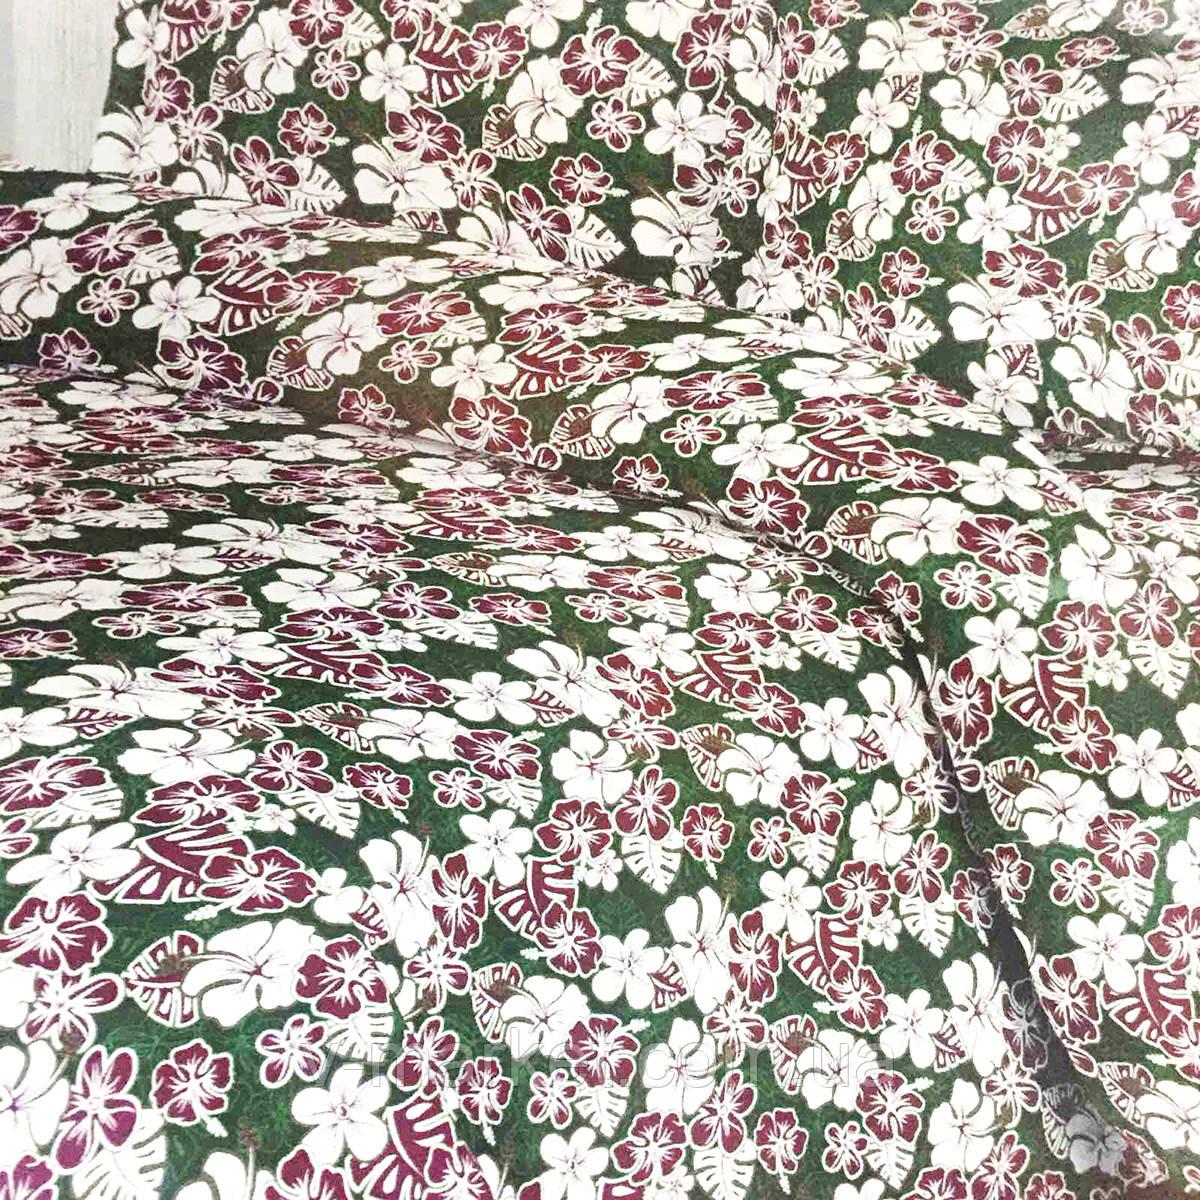 Постільна білизна бязева двоспальне 170/210, нав-ки 70/70, тканина бязь